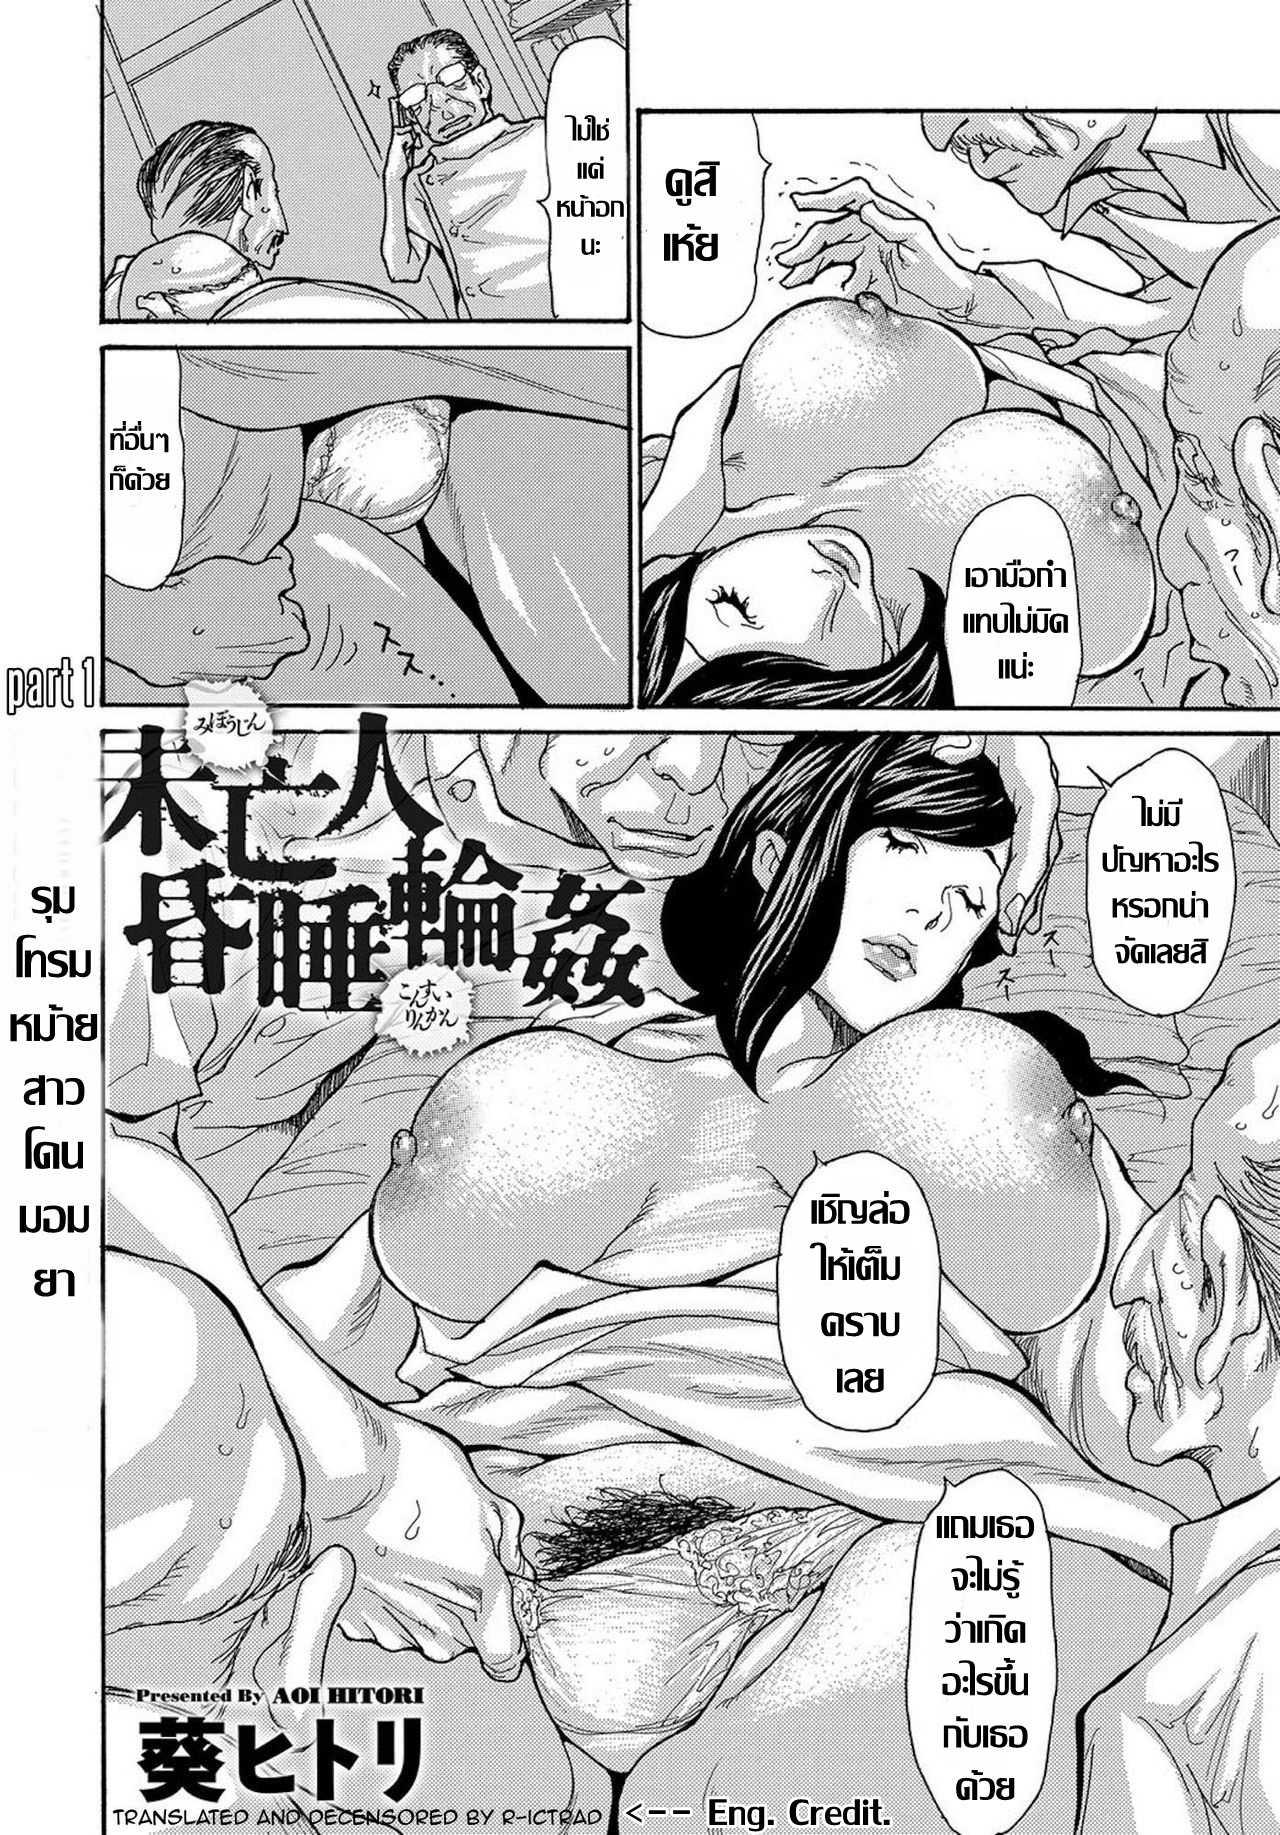 aoi-hitori-miboujin-konsui-rinkan-the-widow-coma-gangrape-comic-magnum-vol-88